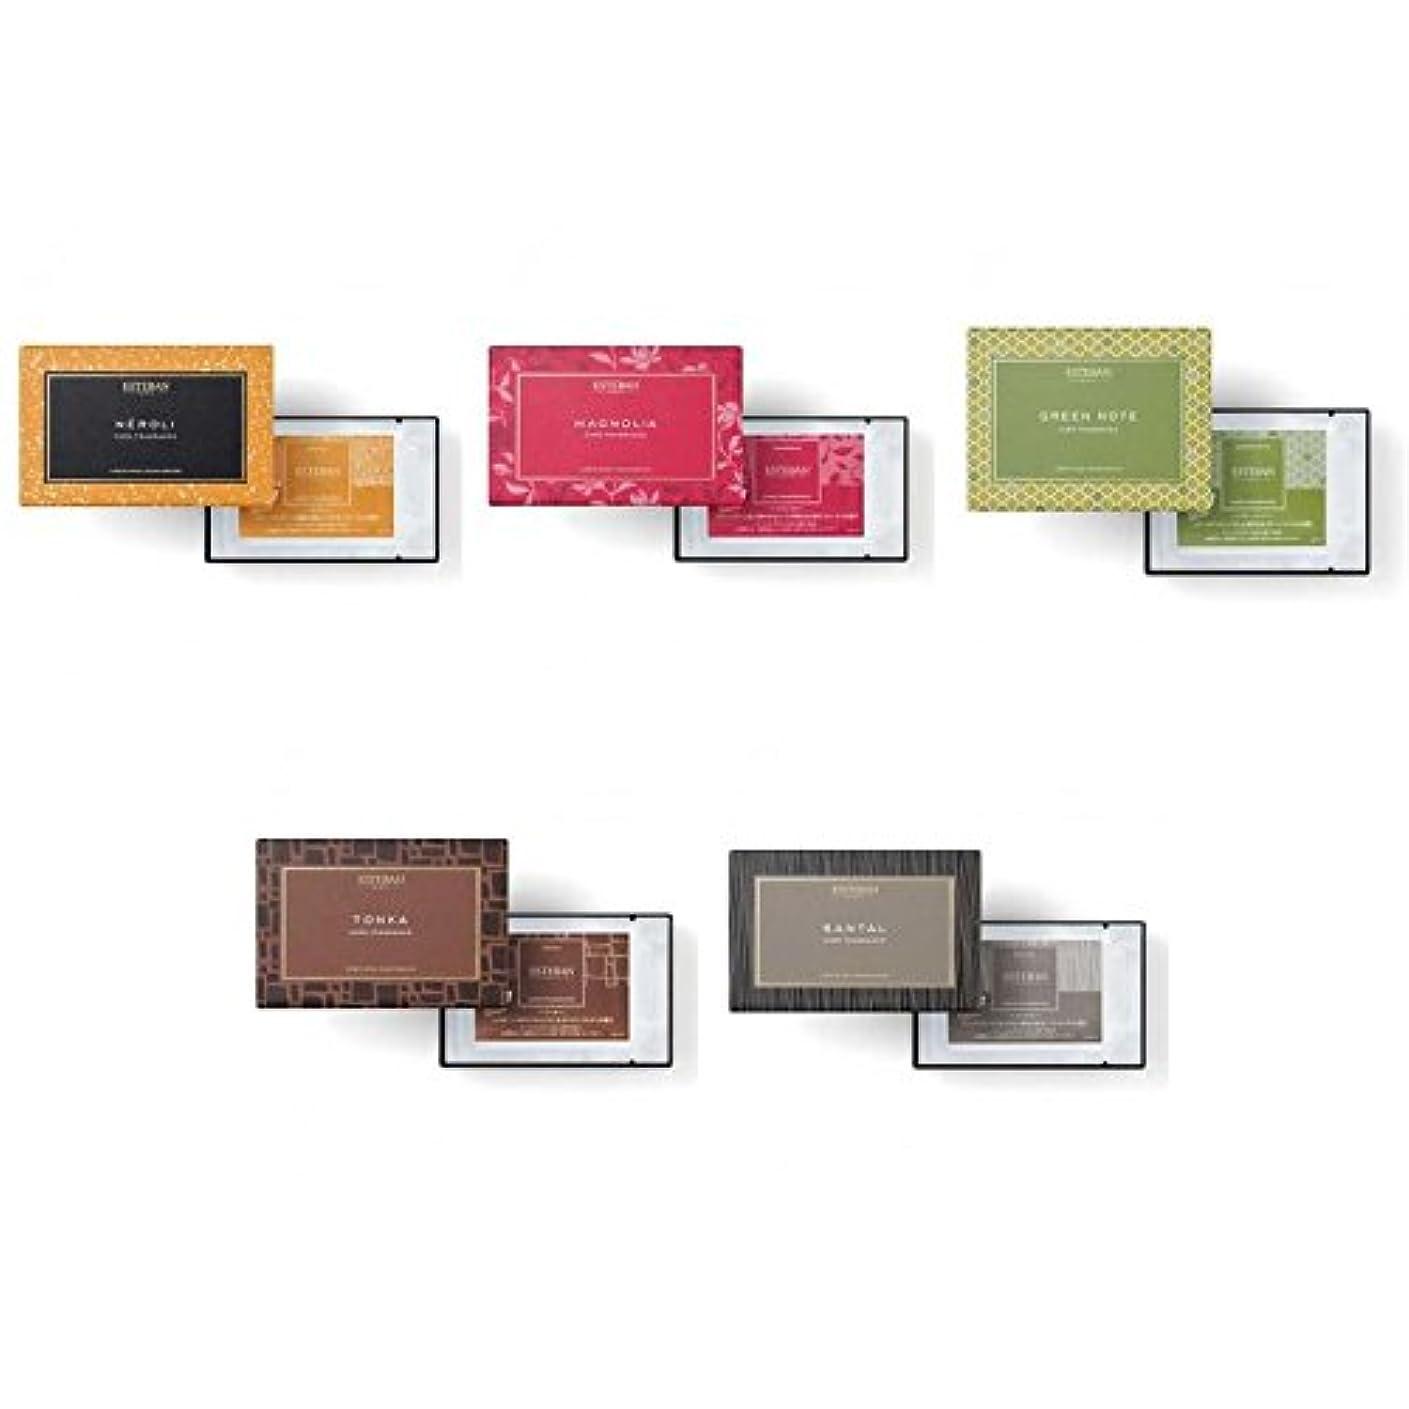 干ばつテスピアン周りエステバン カードフレグランス 5種セット